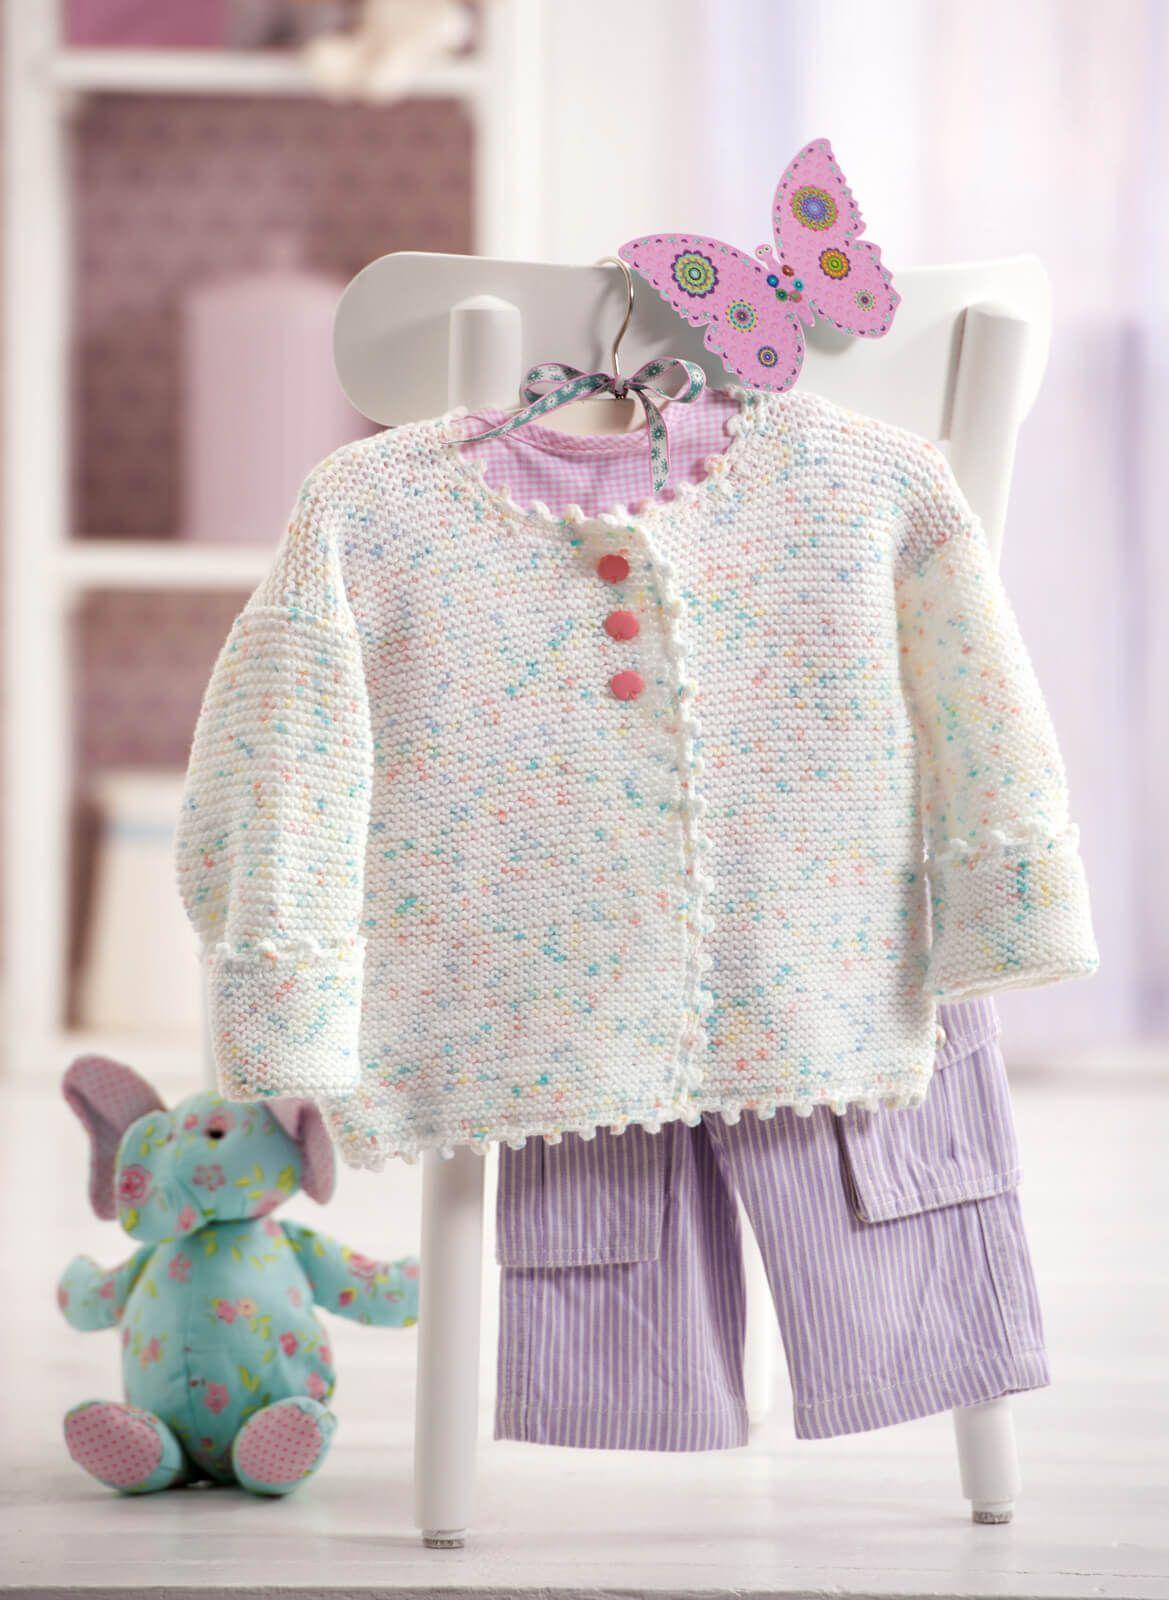 Baby Jacke In Zarten Bonbon Farben Häkeln Pinterest Baby Jacke